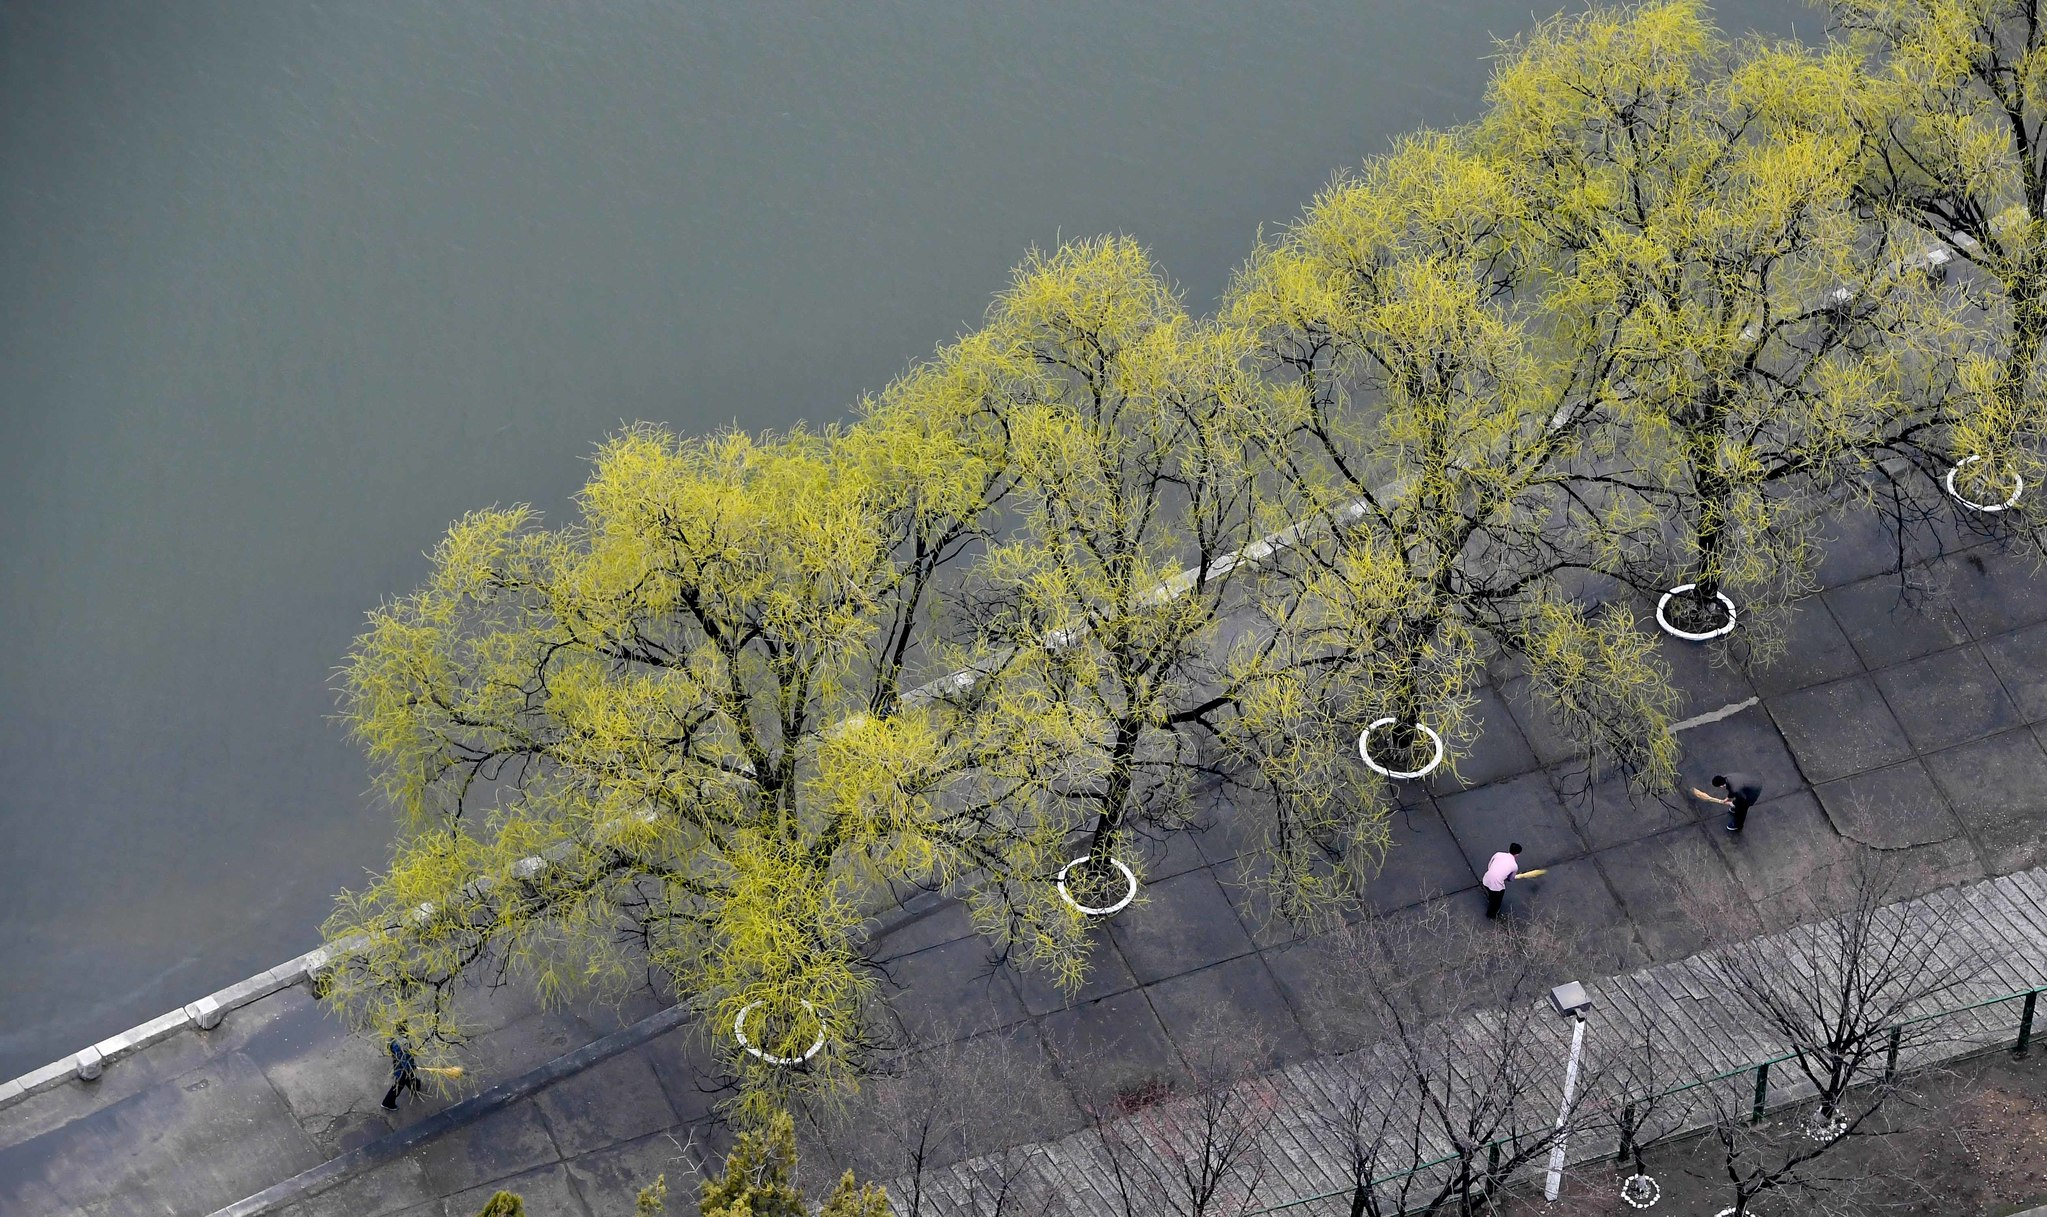 6일 완연해진 봄날씨에 대동강 양각도 호텔 인근에서 시민들이 청소를 하고 있다. 사진공동취재단